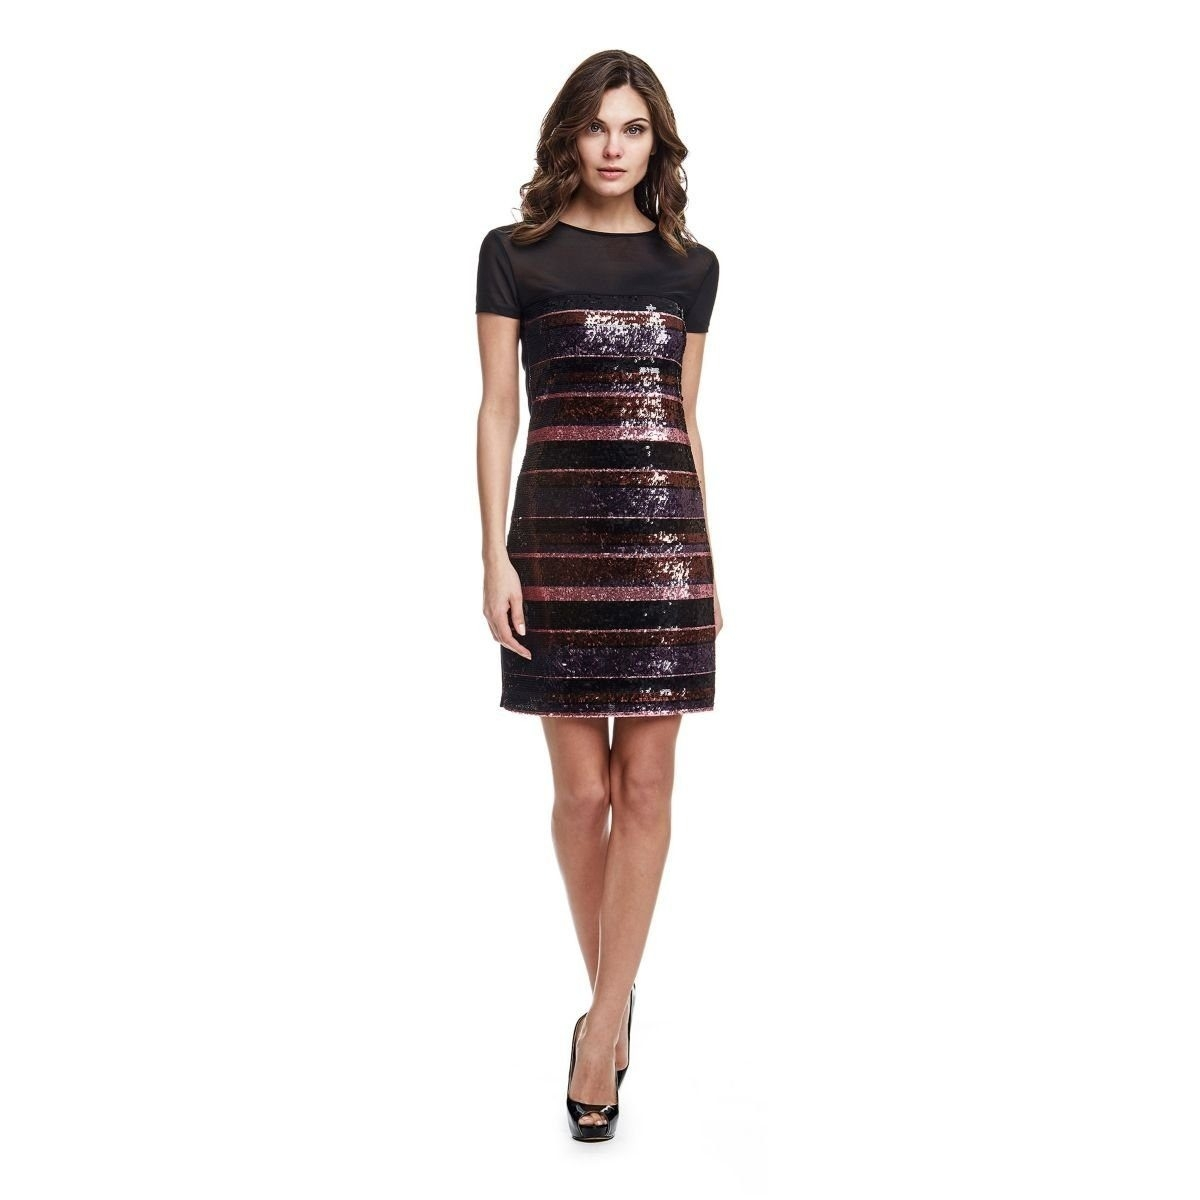 15 Einzigartig Partykleider Damen Design20 Luxus Partykleider Damen Design